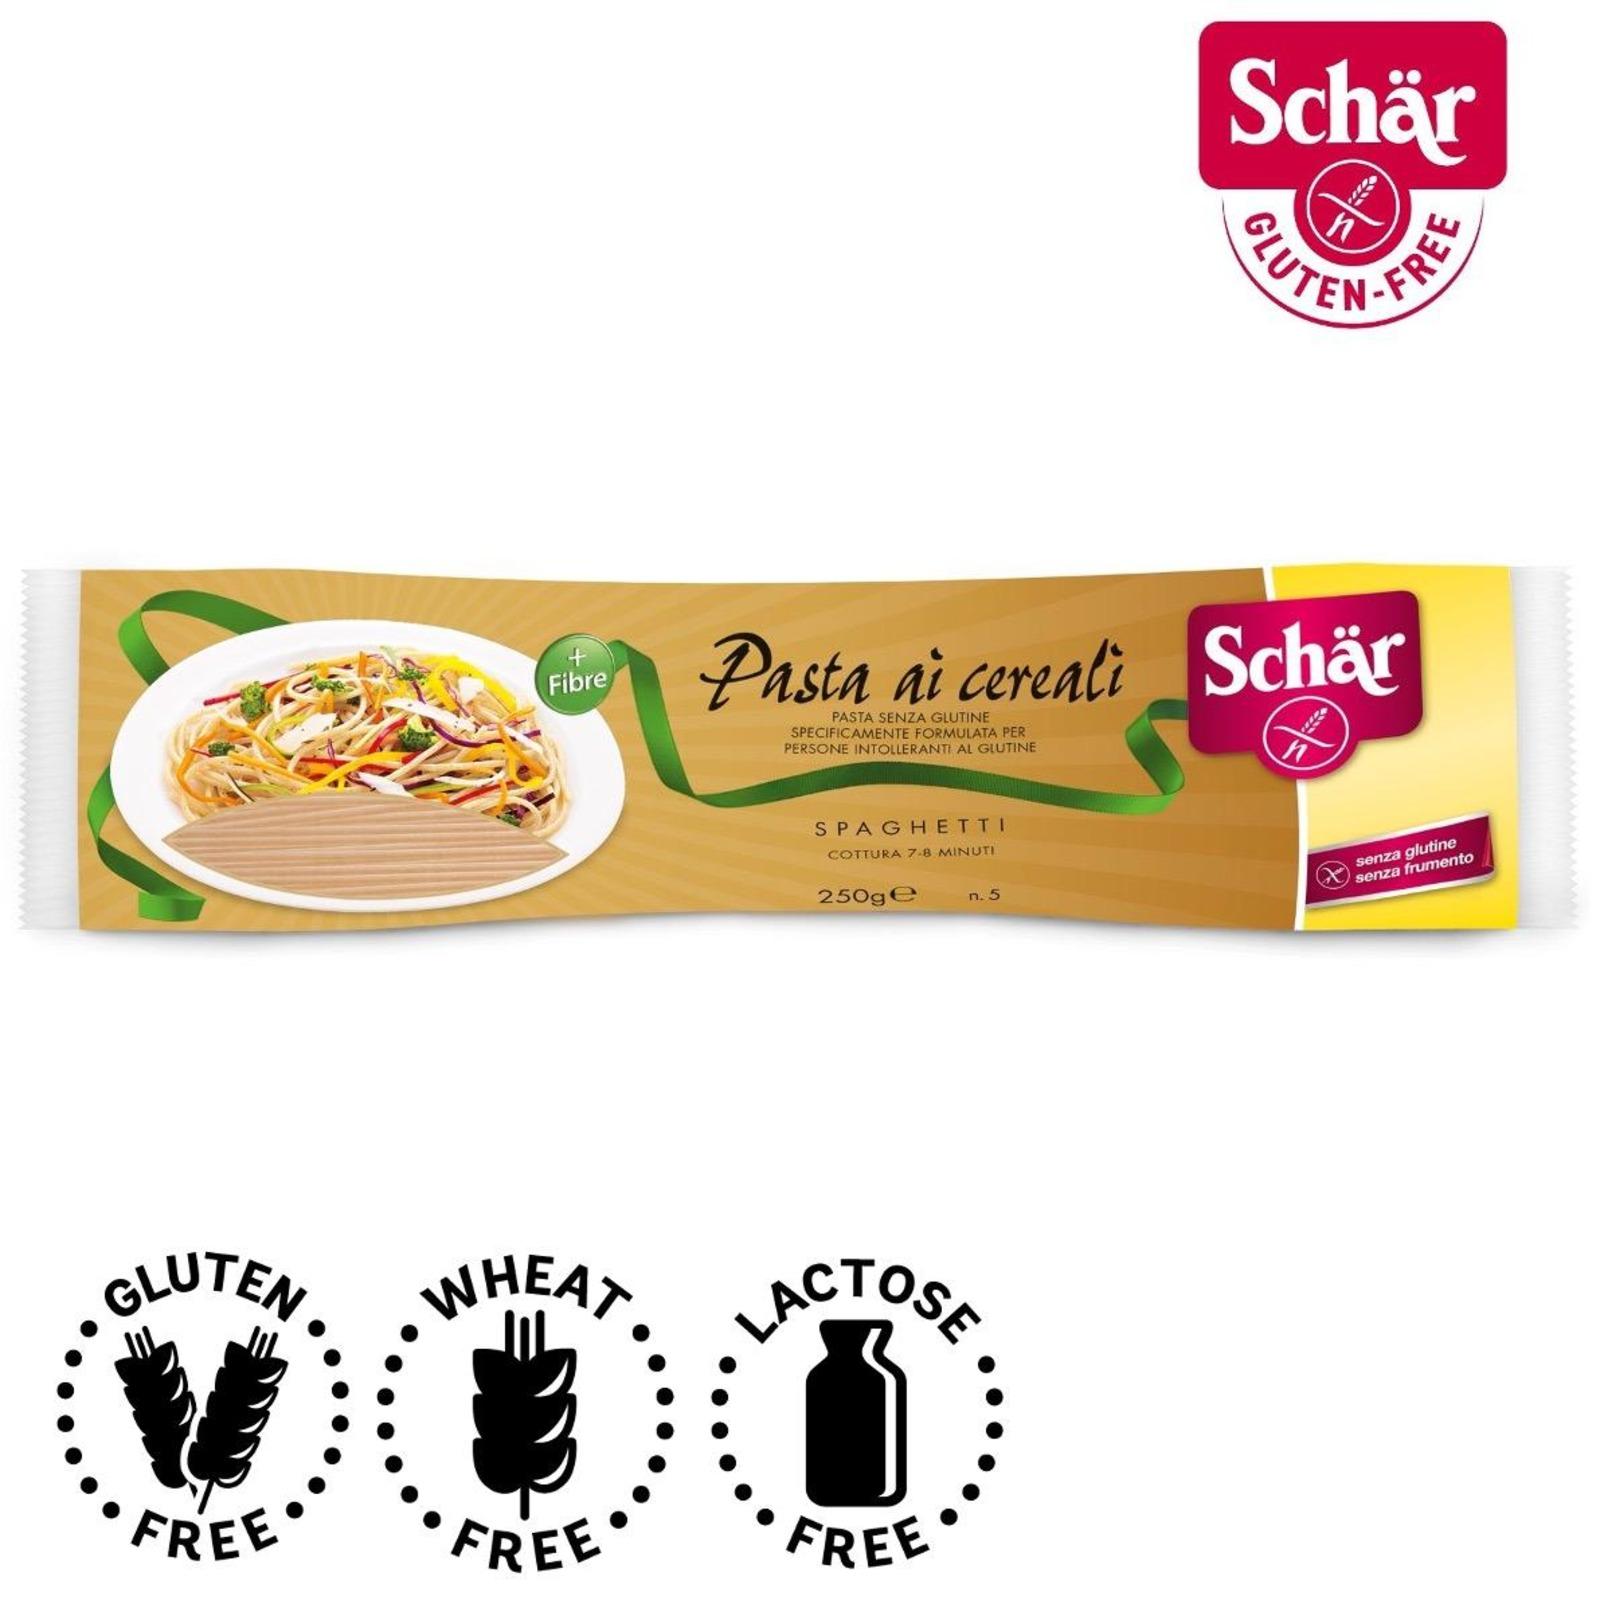 Dr. Schar Fusilli Multigrain Pasta - Gluten Free